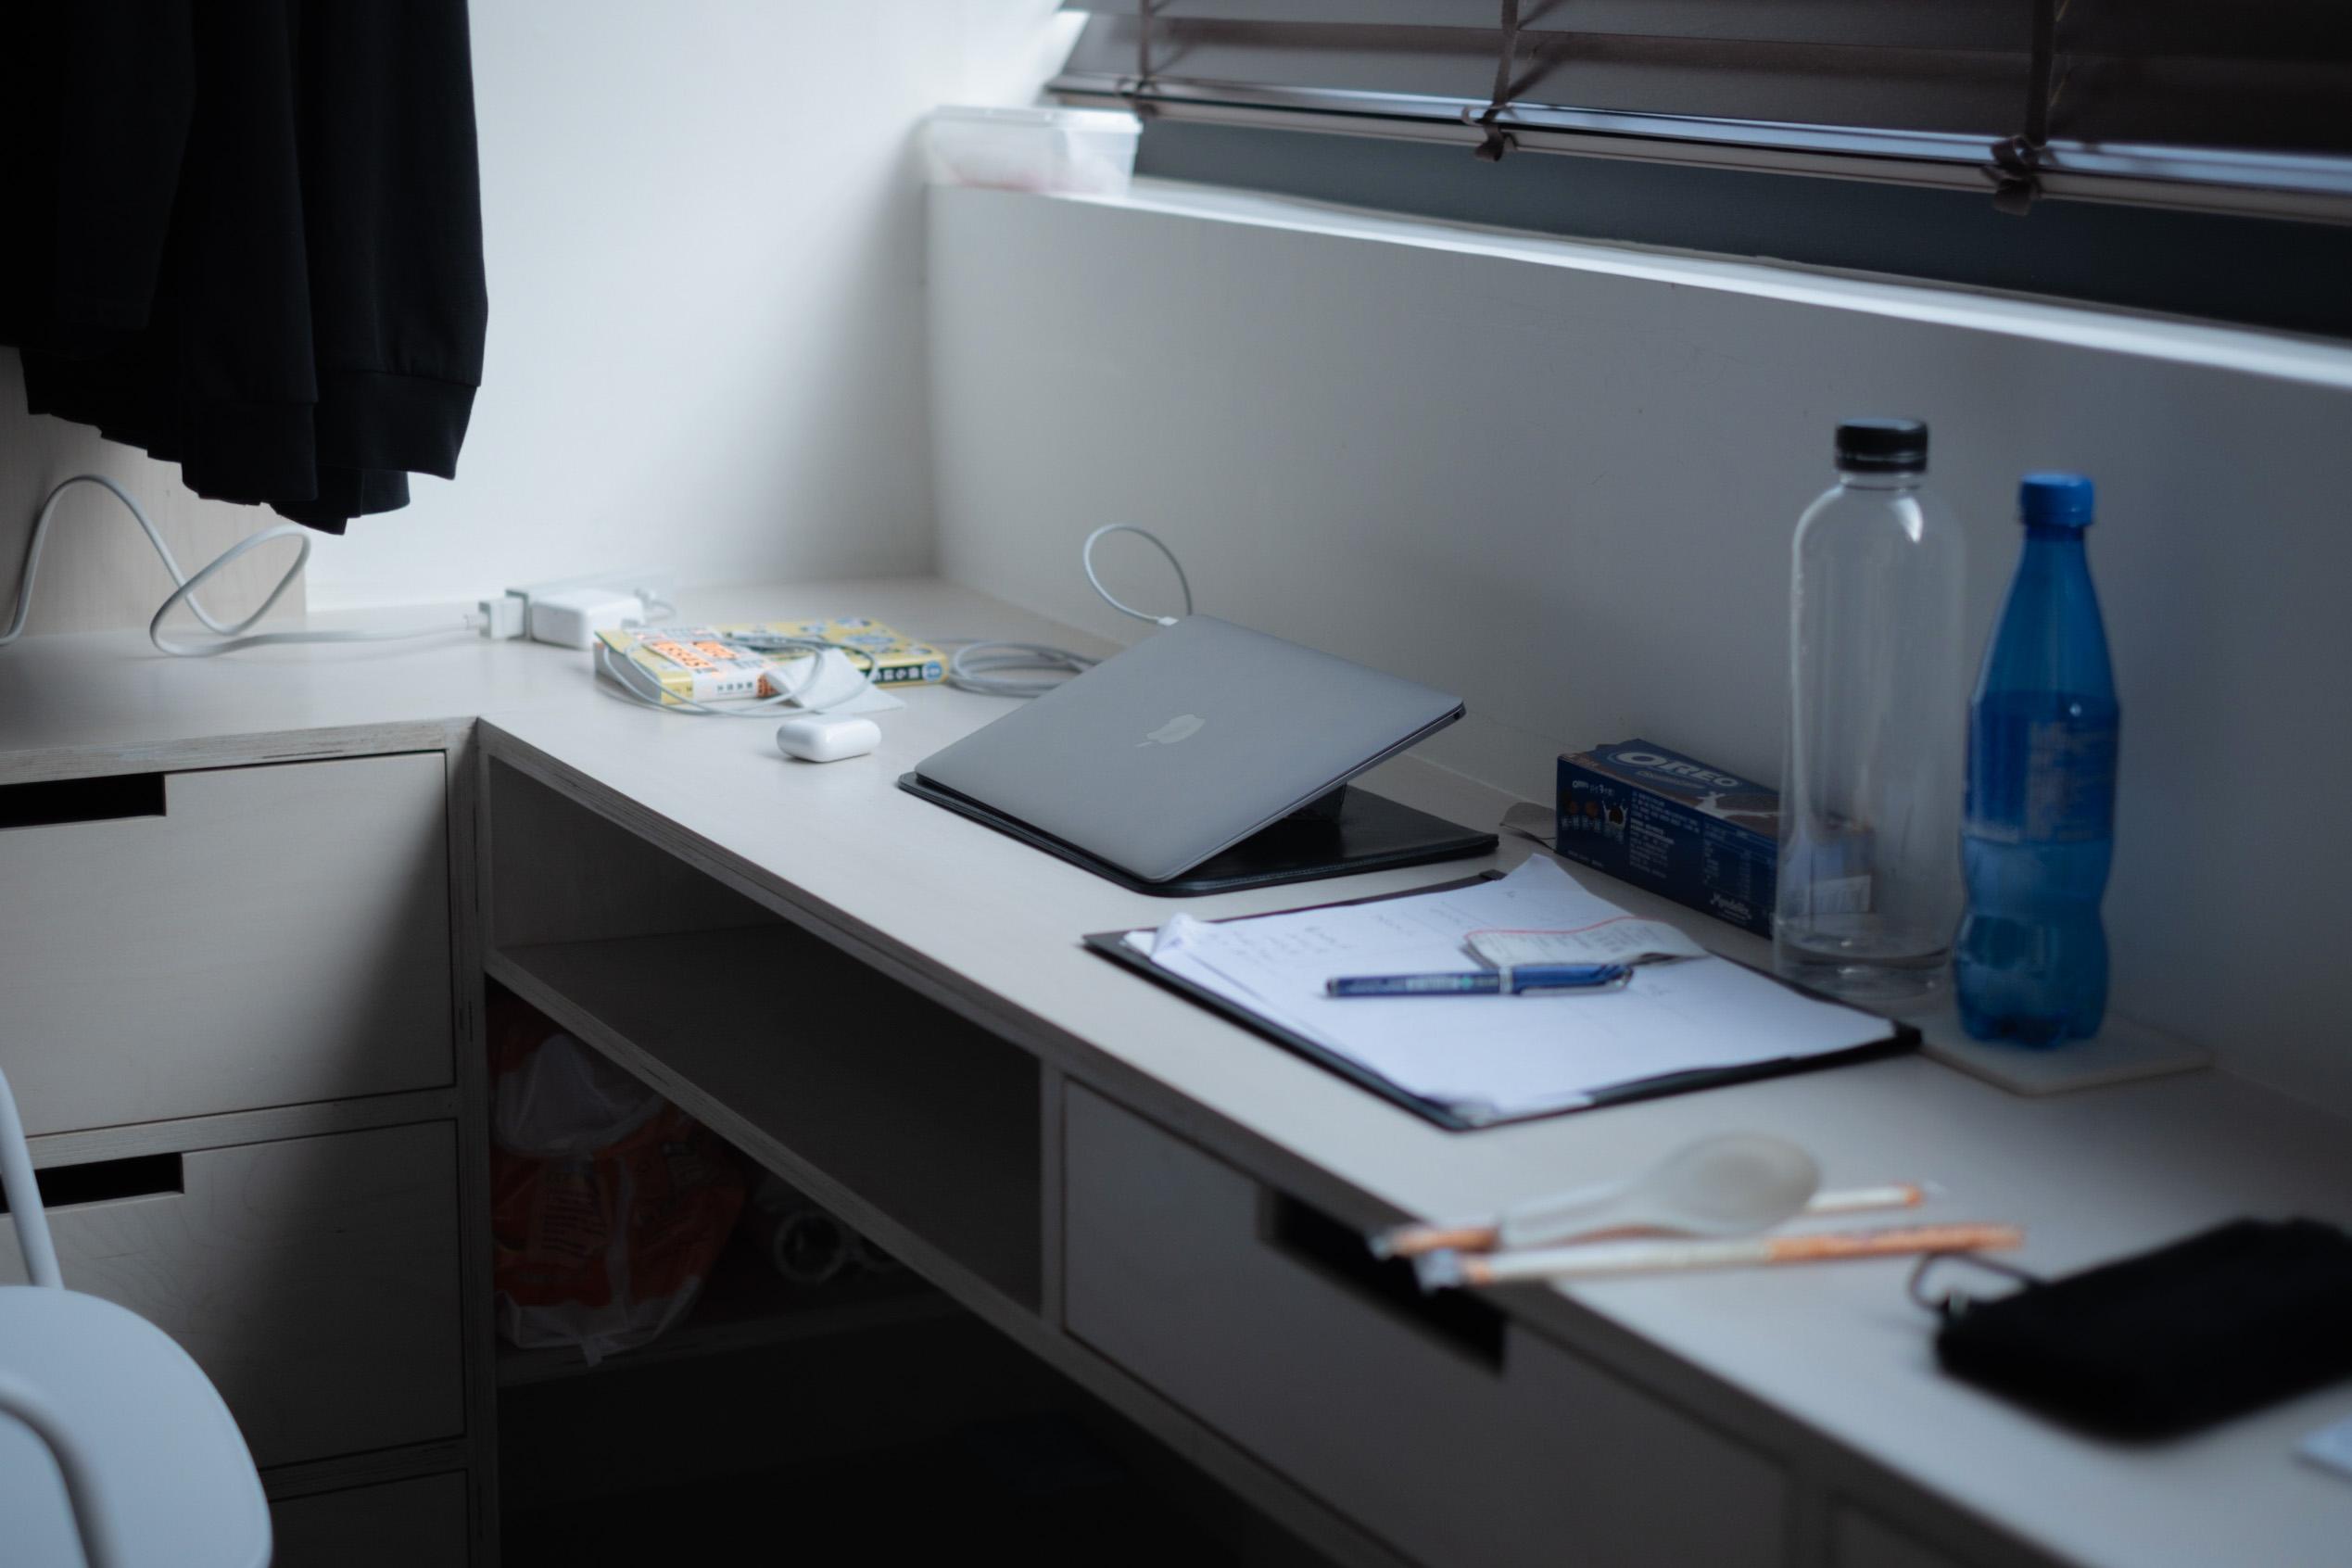 【台北で初めての部屋探し】事前に知りたかった賃貸の探し方と家賃を下げて理想の部屋を探すポイント